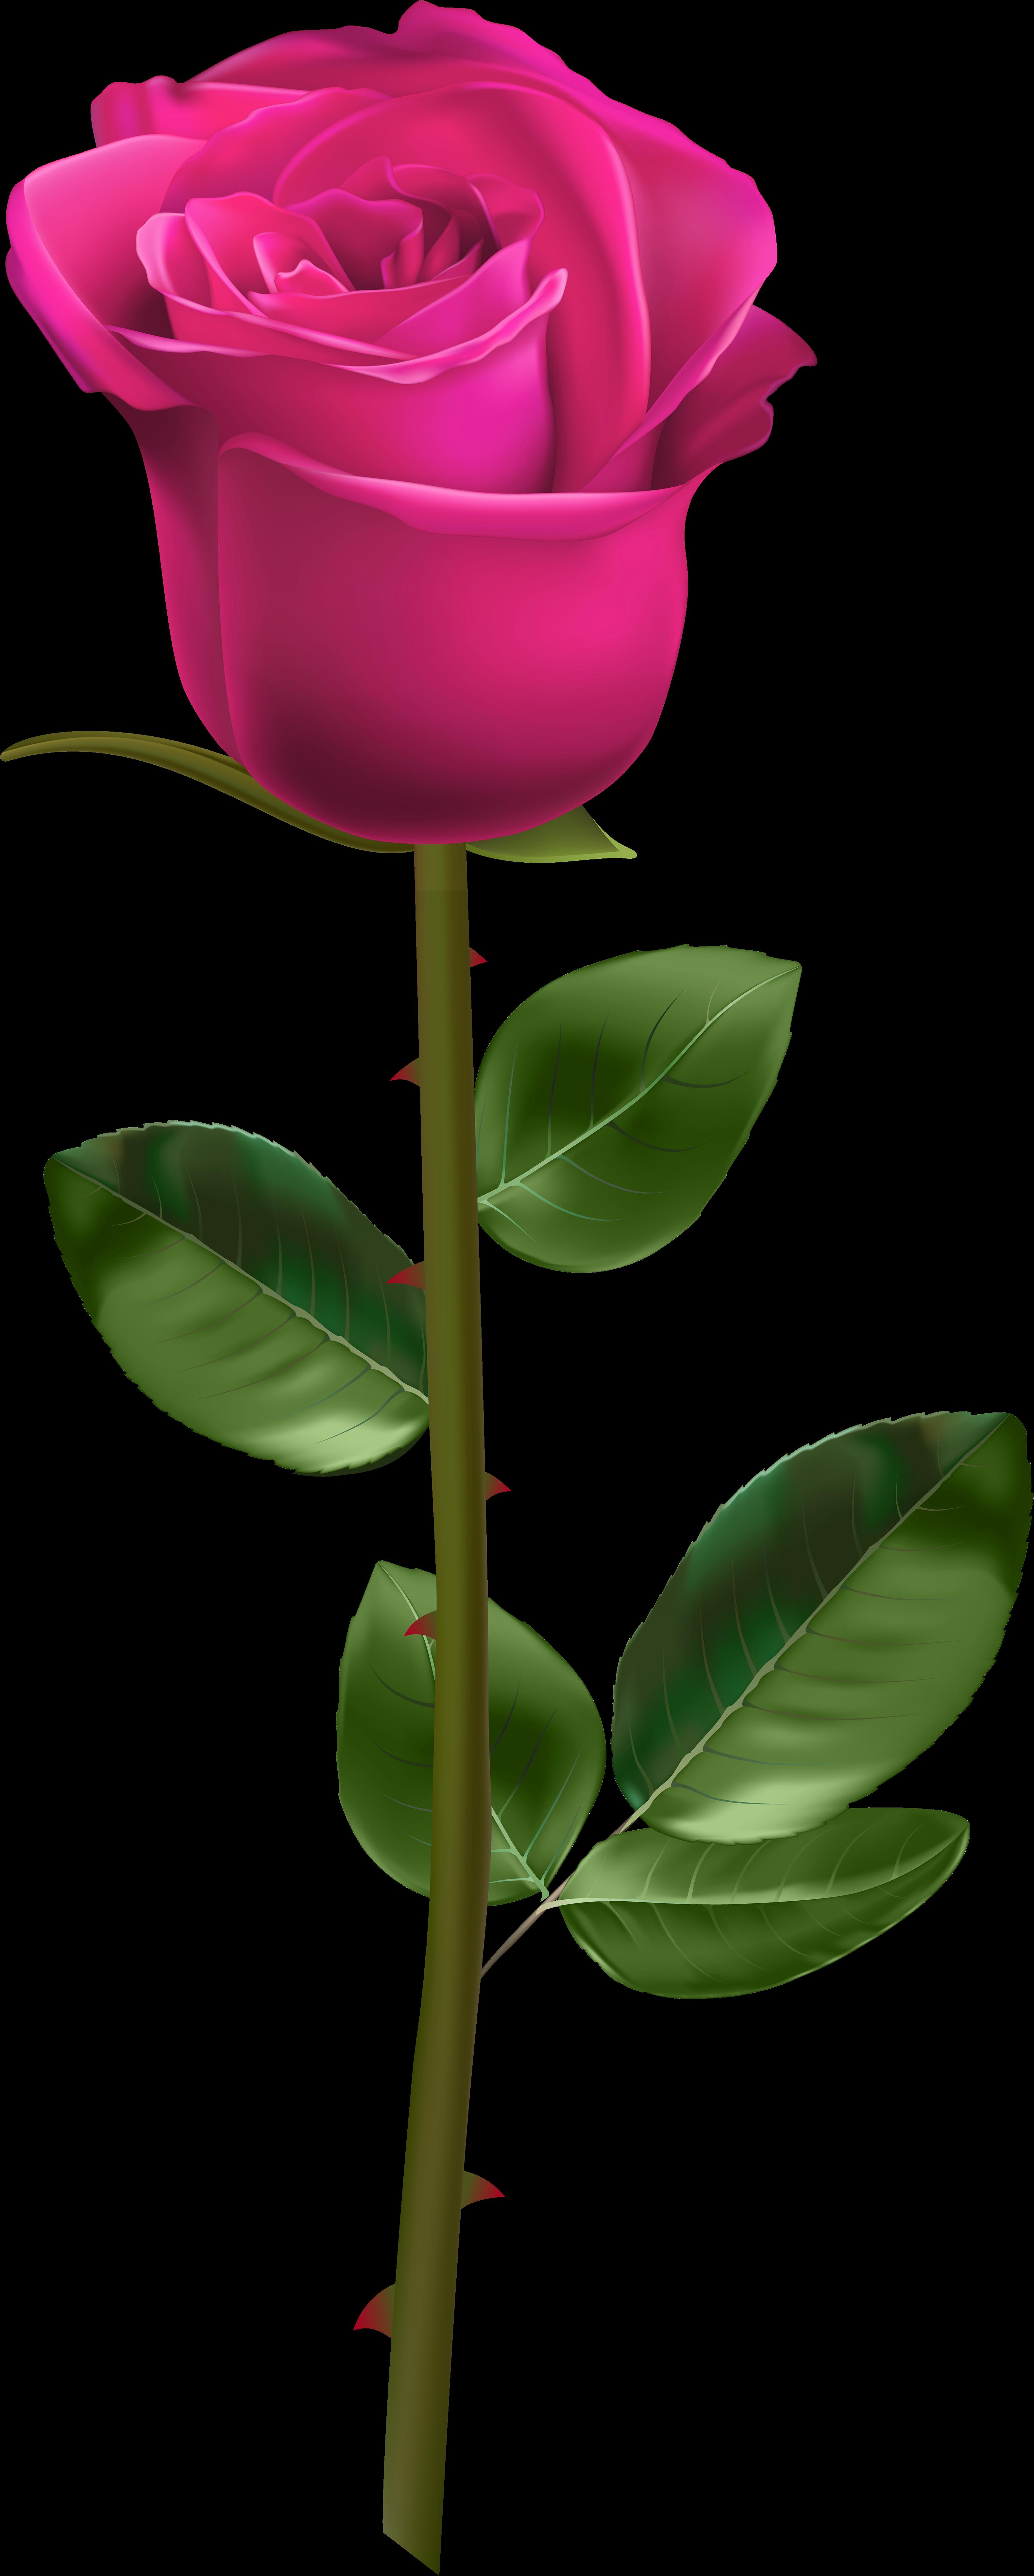 Short stem rose clipart svg freeuse download White Rose With Stem Clipart - Full Size Clipart (#1967460 ... svg freeuse download